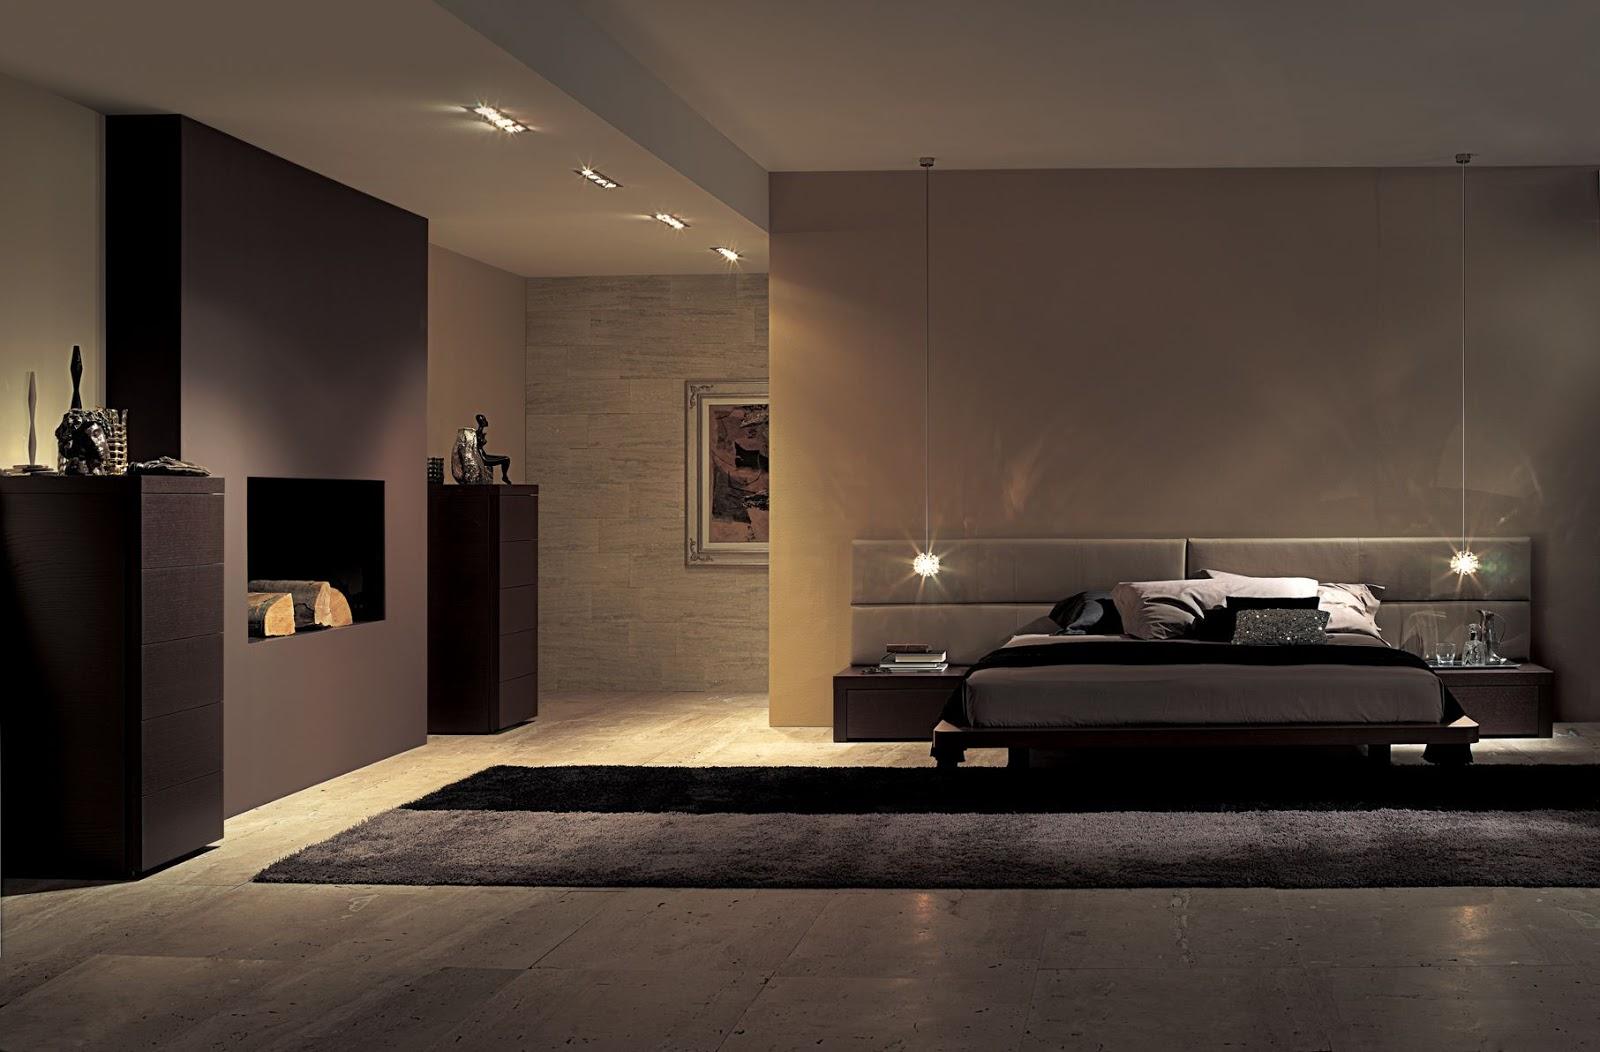 Muebles modernos Minimalistas: Salas Modernas, Recamaras ...